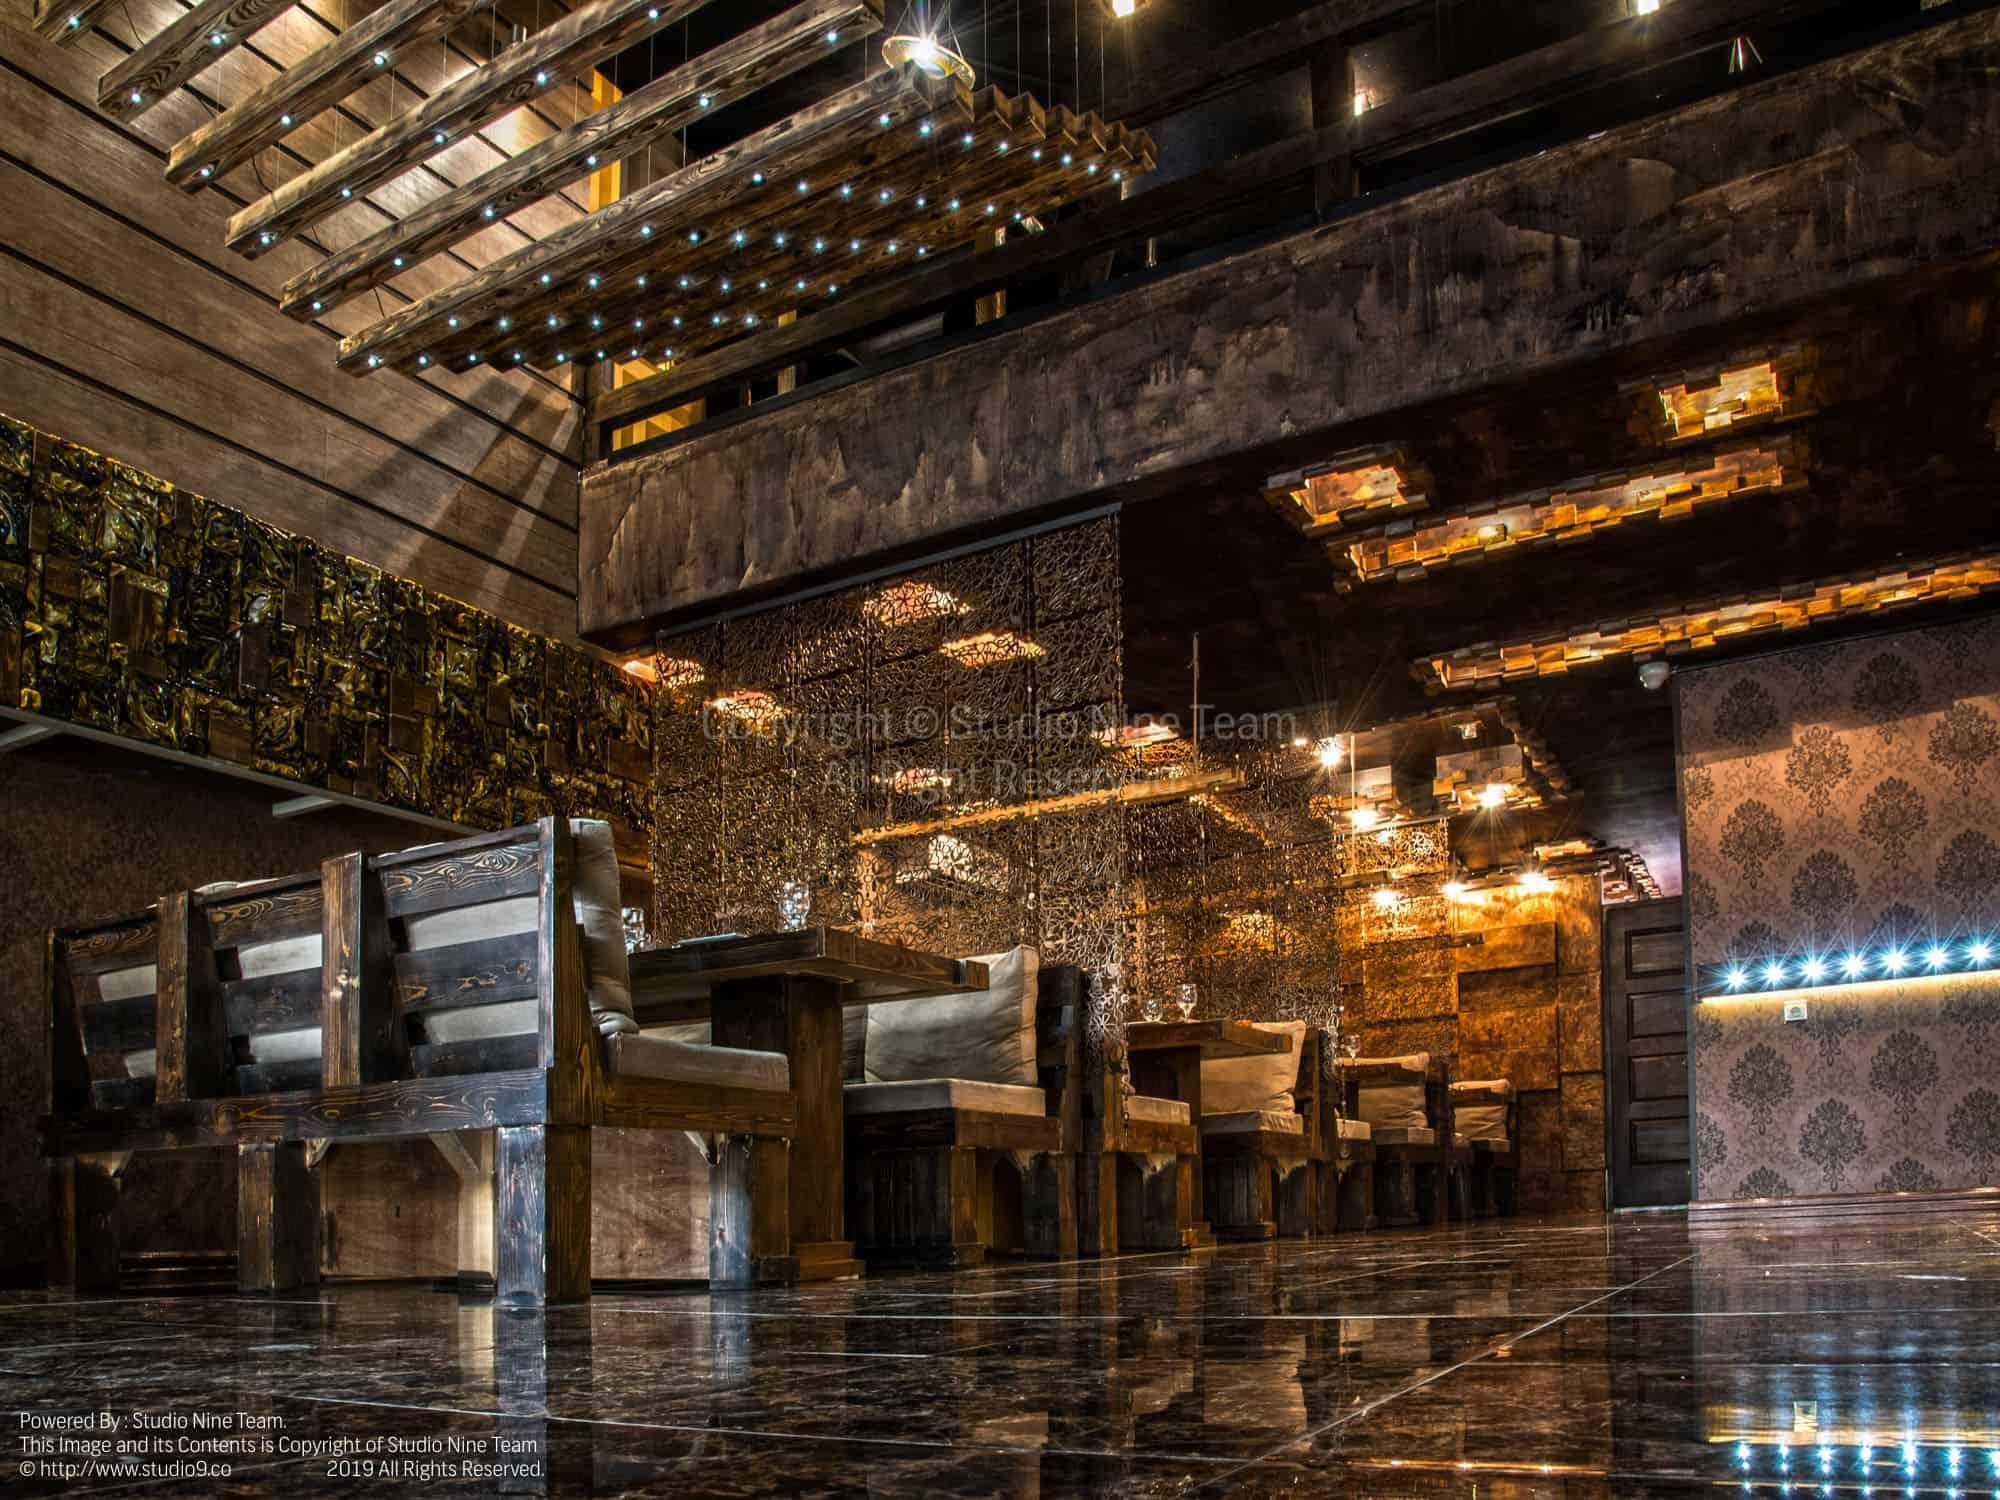 تنظیم رنگ تخصصی خروجی چاپ حرفه ای | عکاسی رستوران بیزانس | عکاسی معماری